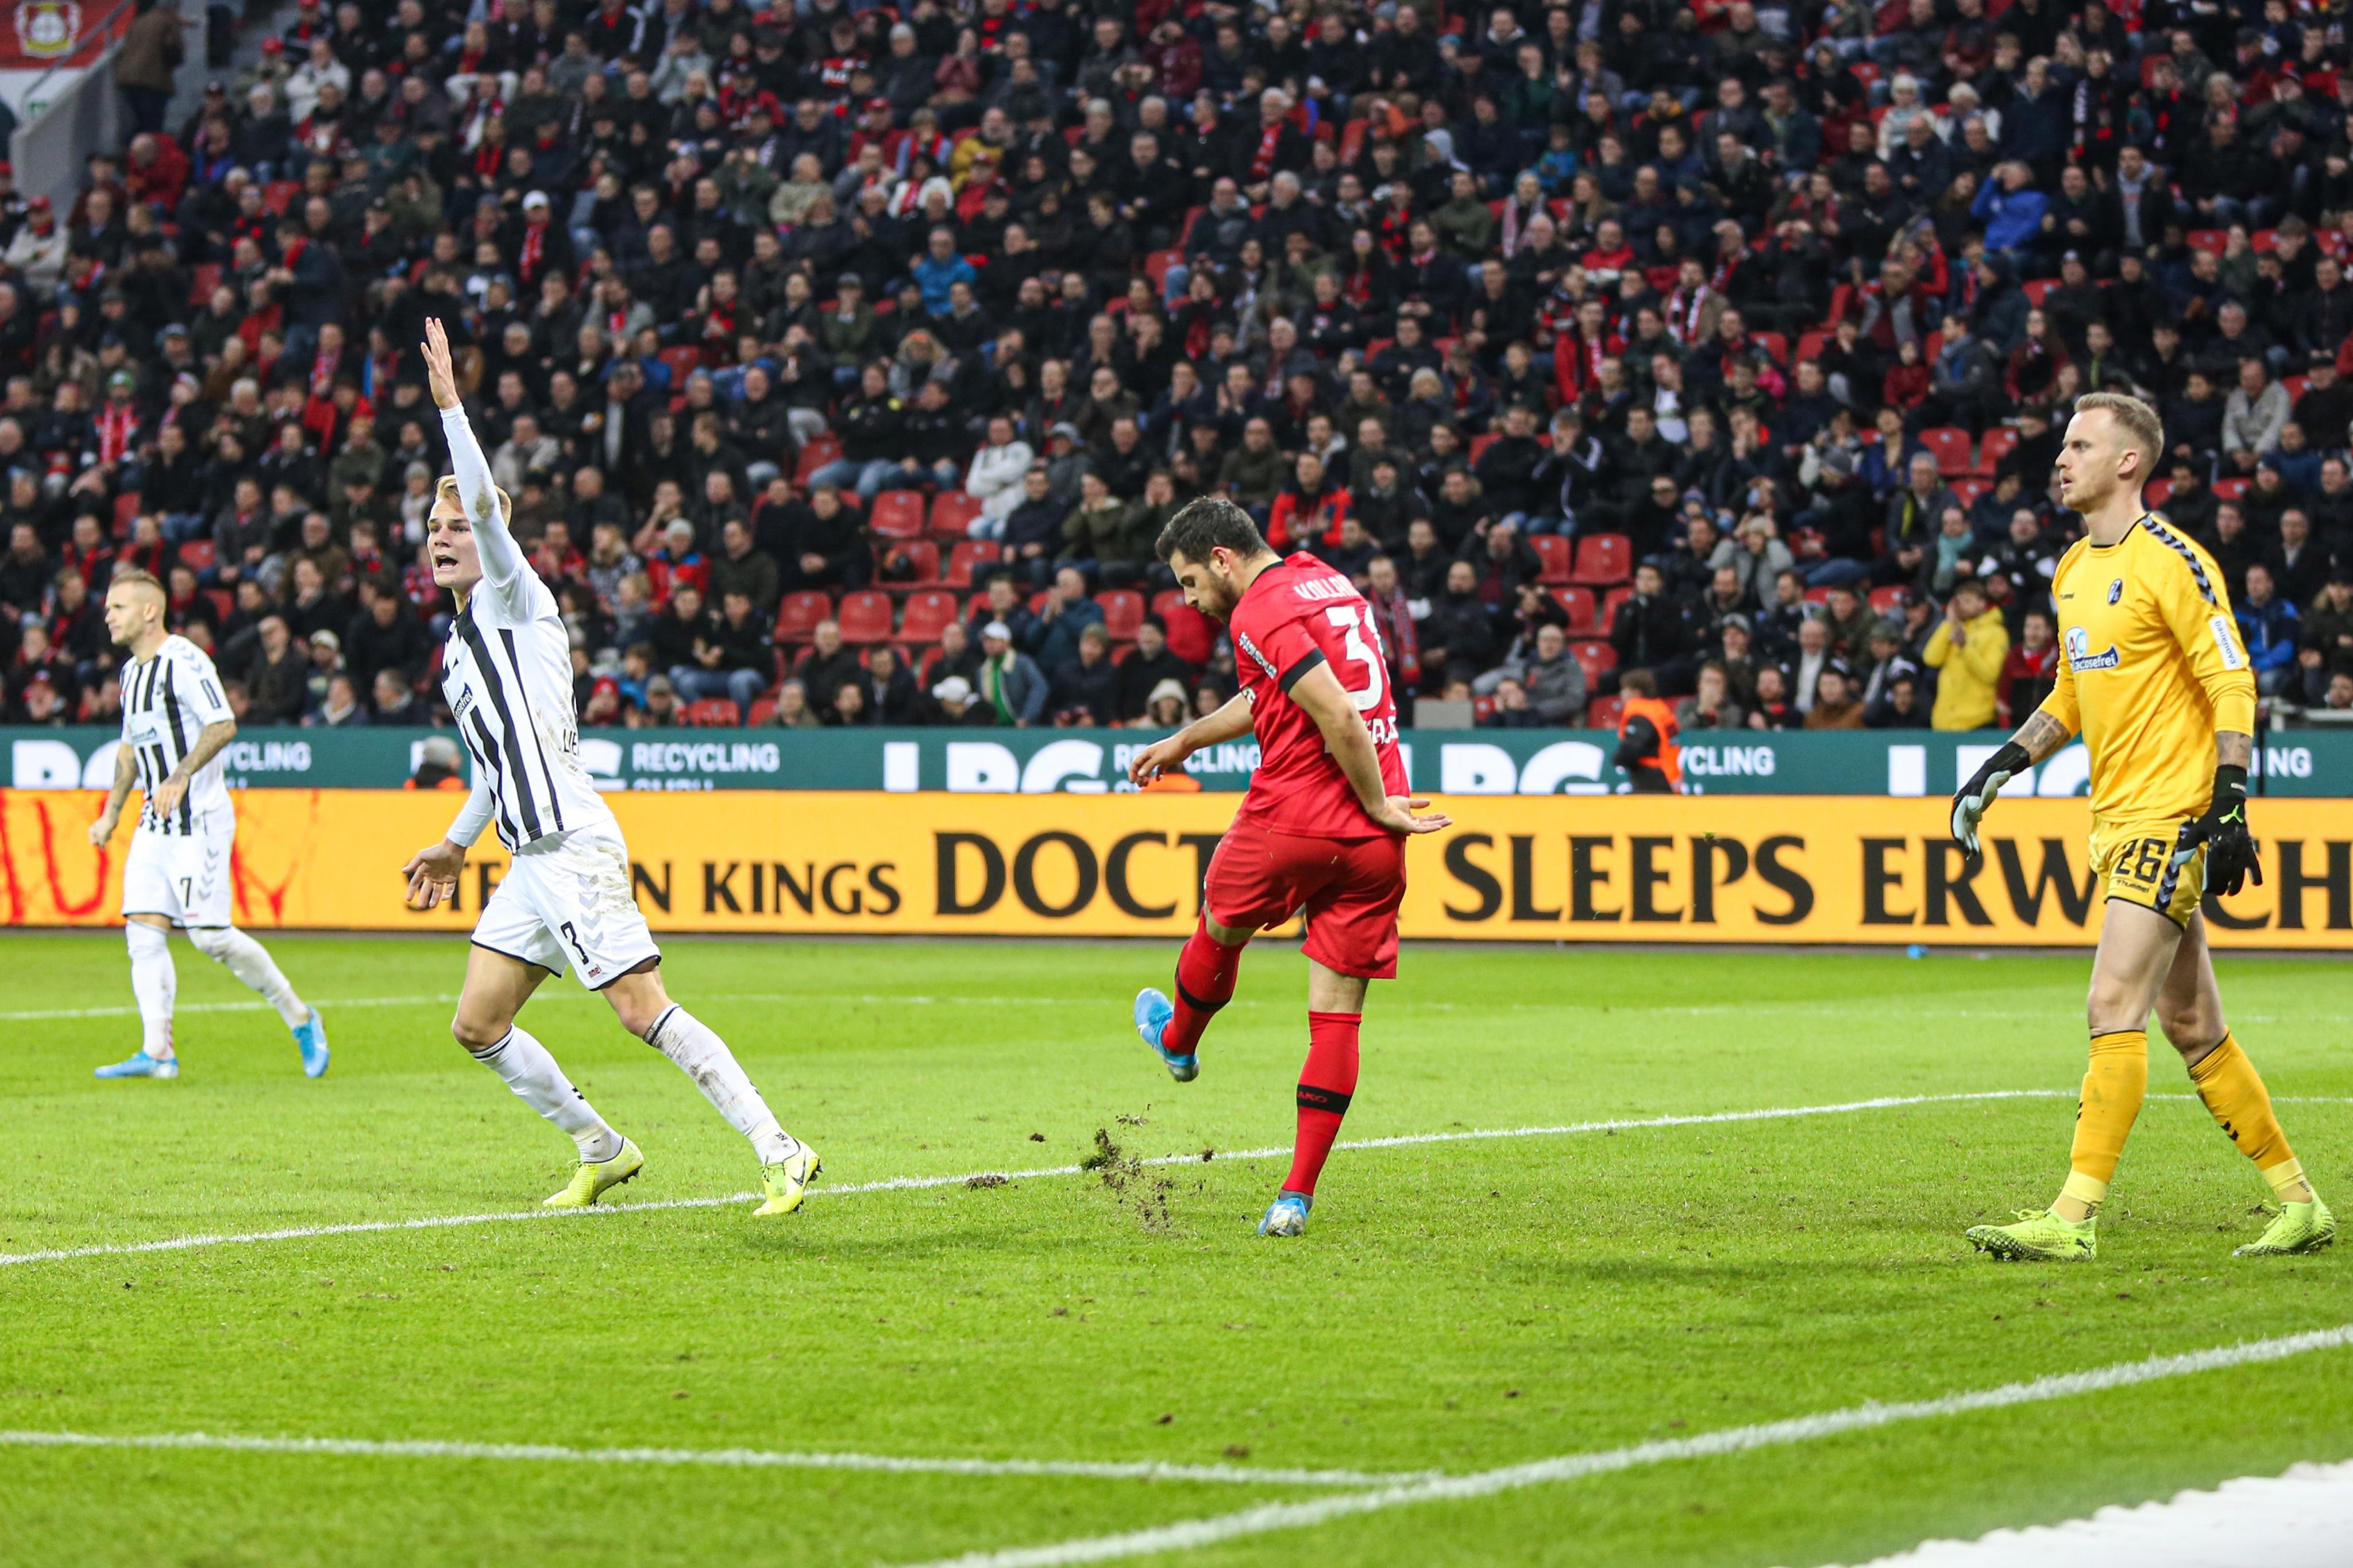 Бундеслига. Поражение лидера, Бавария забила четыре гола Фортуне, Вольфсбург пришел в себя - изображение 4